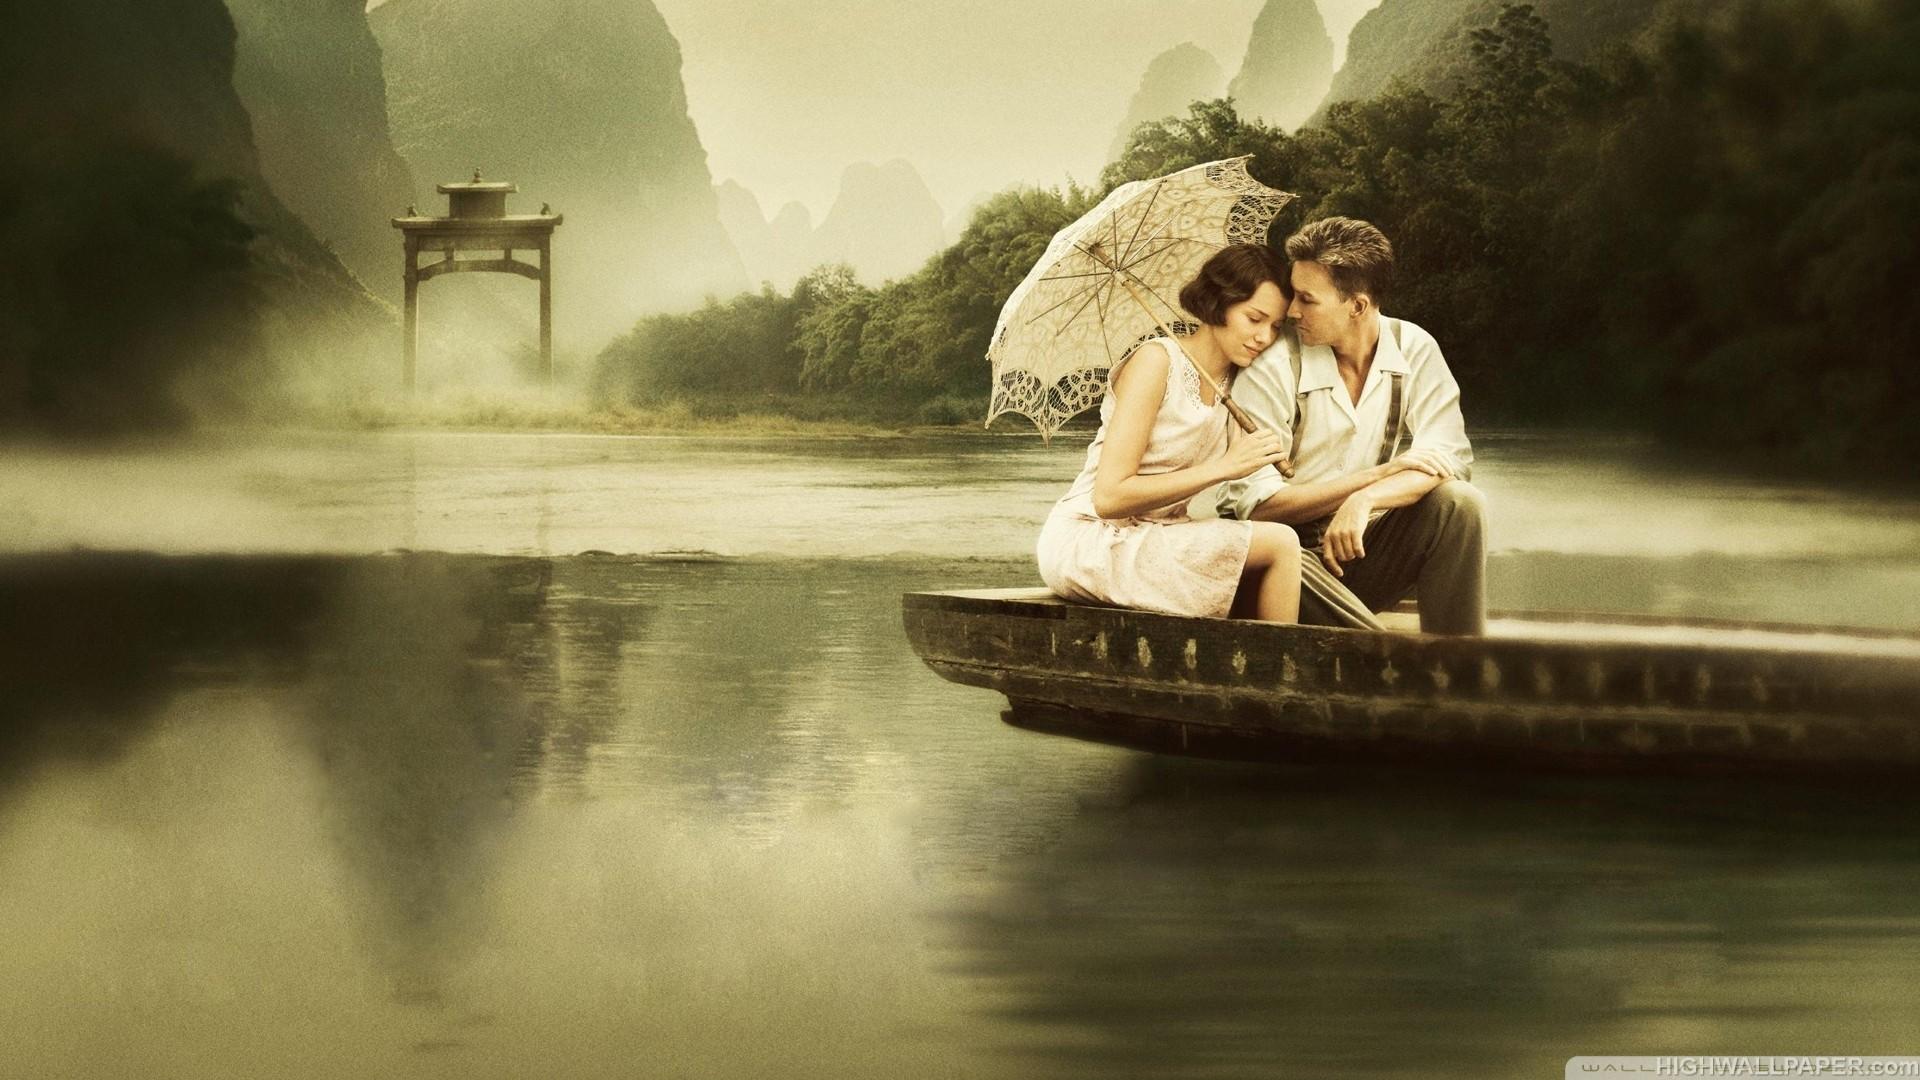 Couple in Boat in River